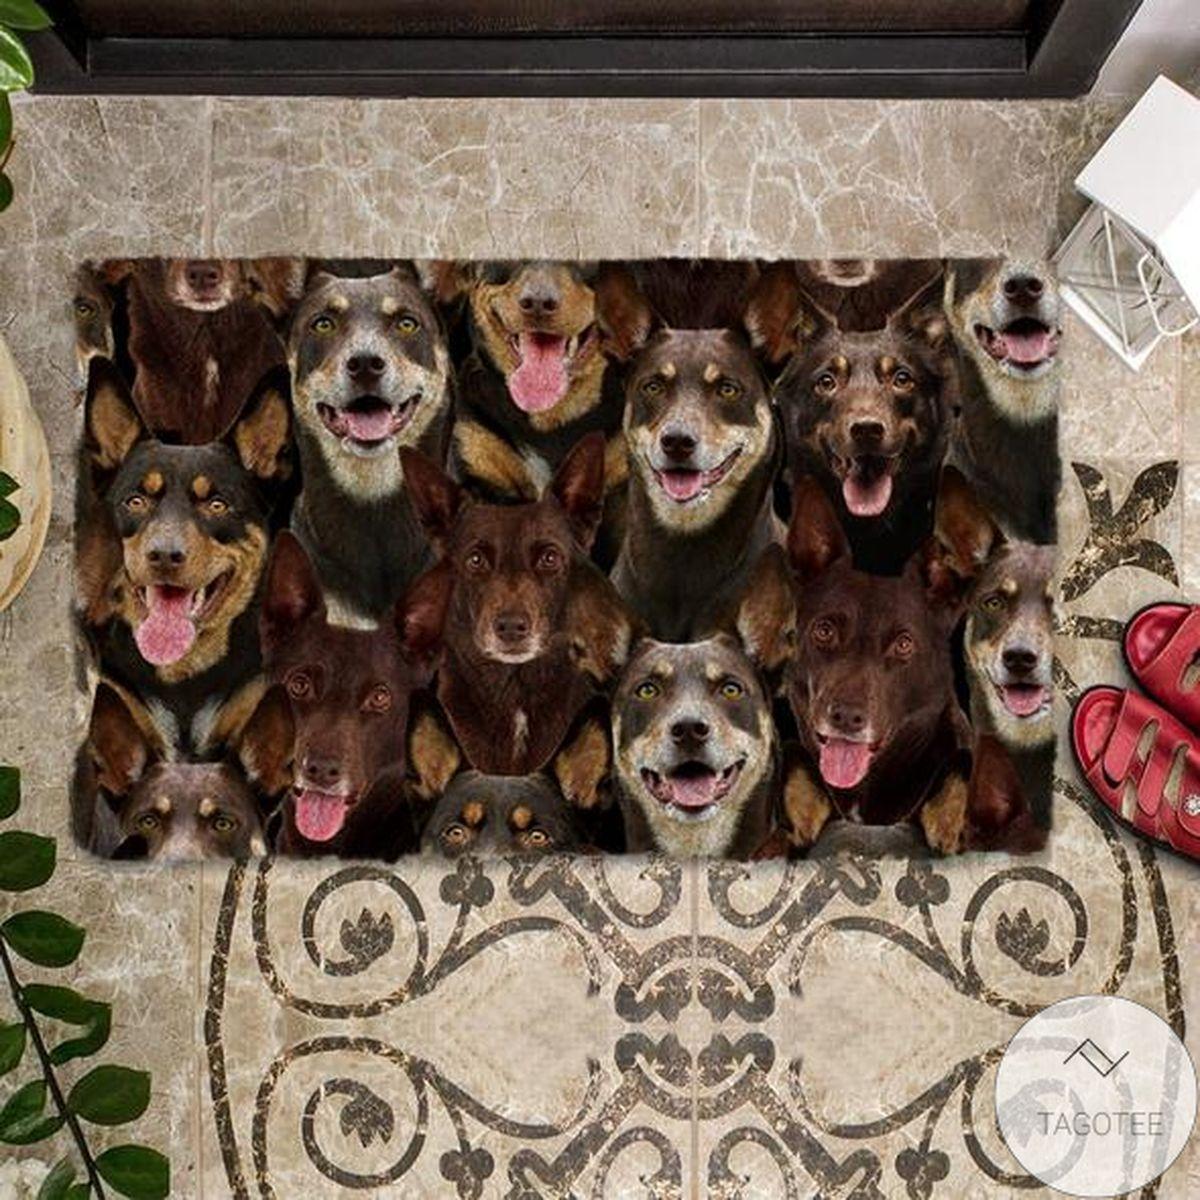 Free A Bunch Of Australian Kelpies Doormat